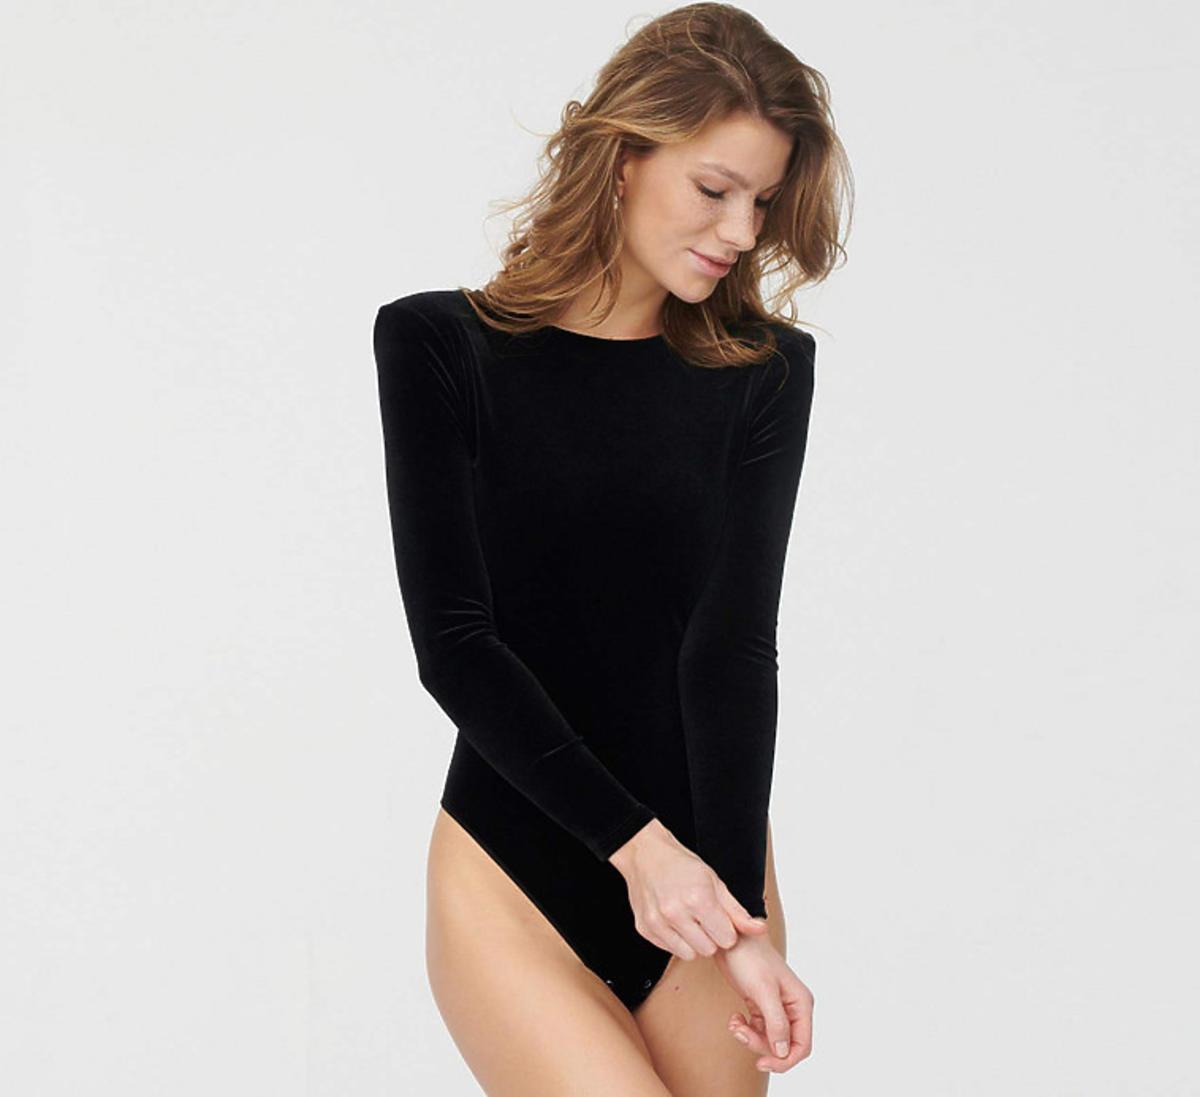 Czarne body Meneater, Undress Code - ten model ma Anna Lewandowska